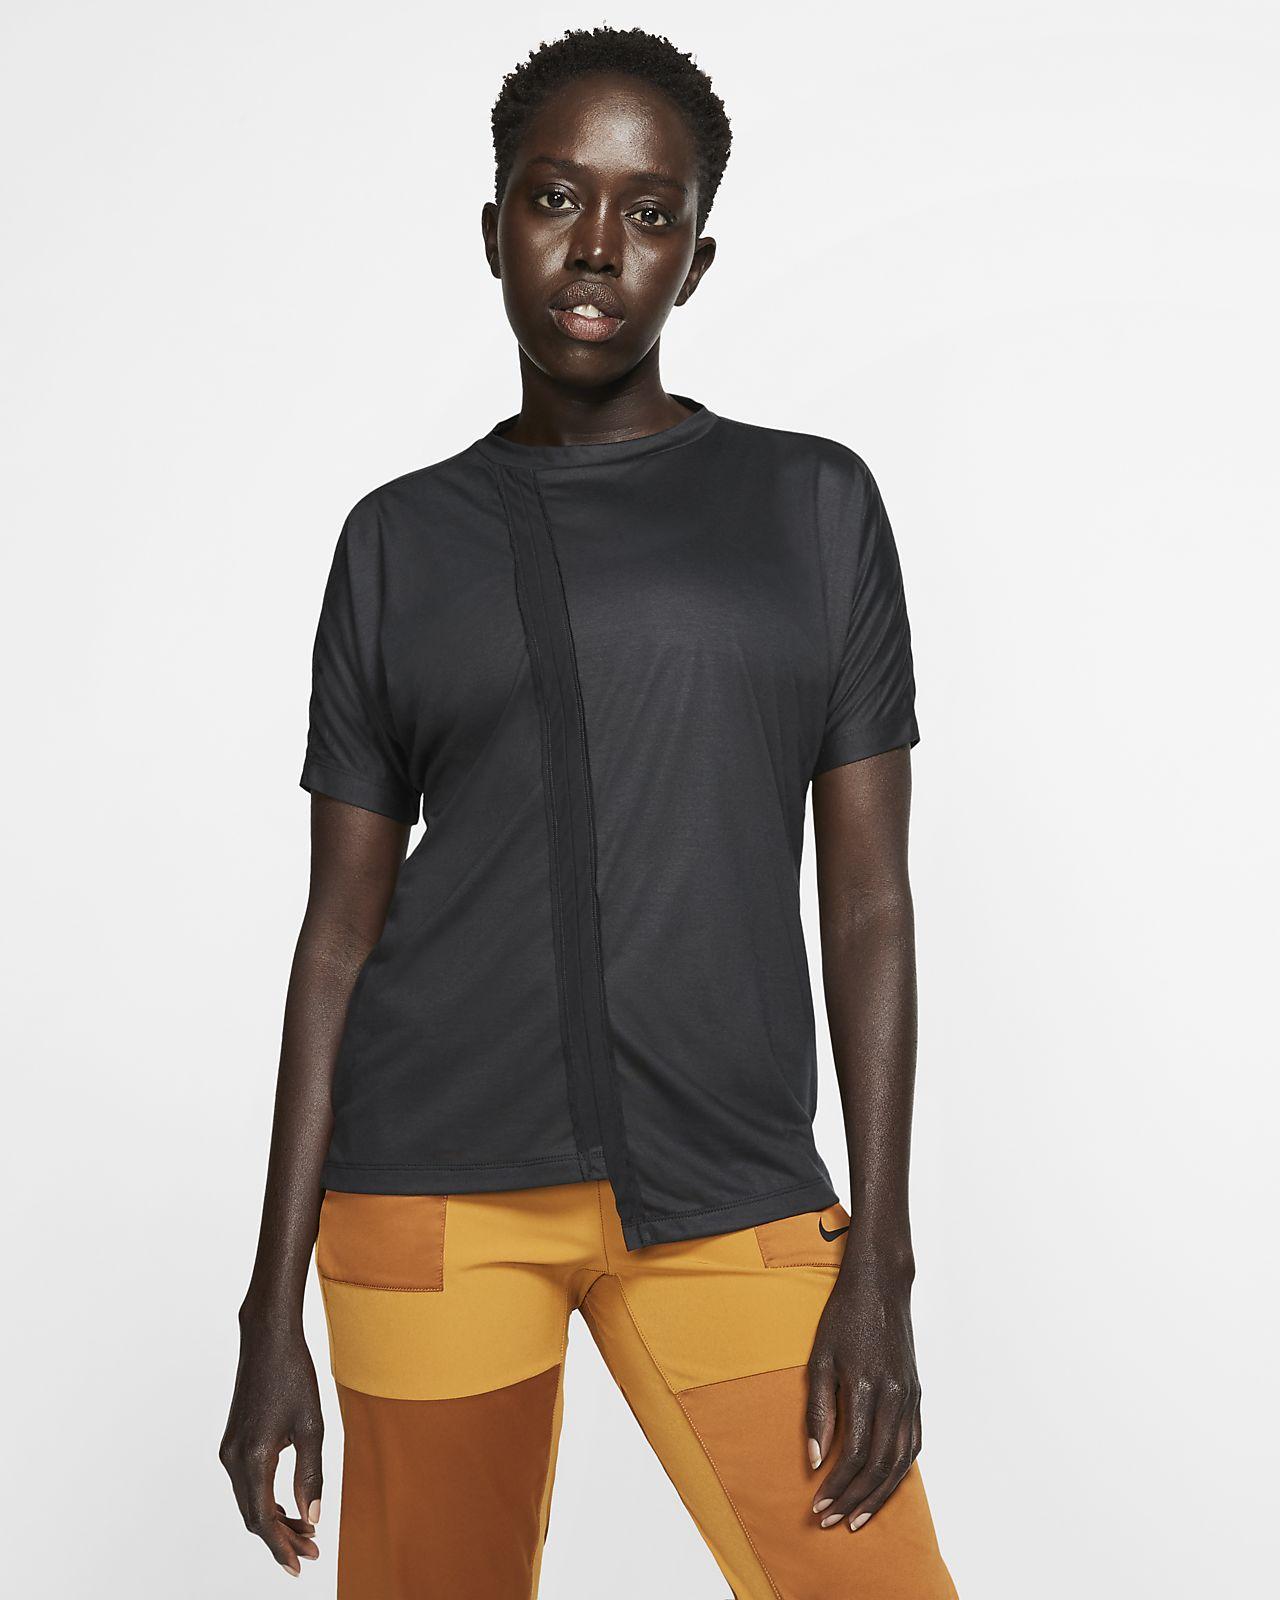 Damska koszulka z krótkim rękawem do biegania Nike